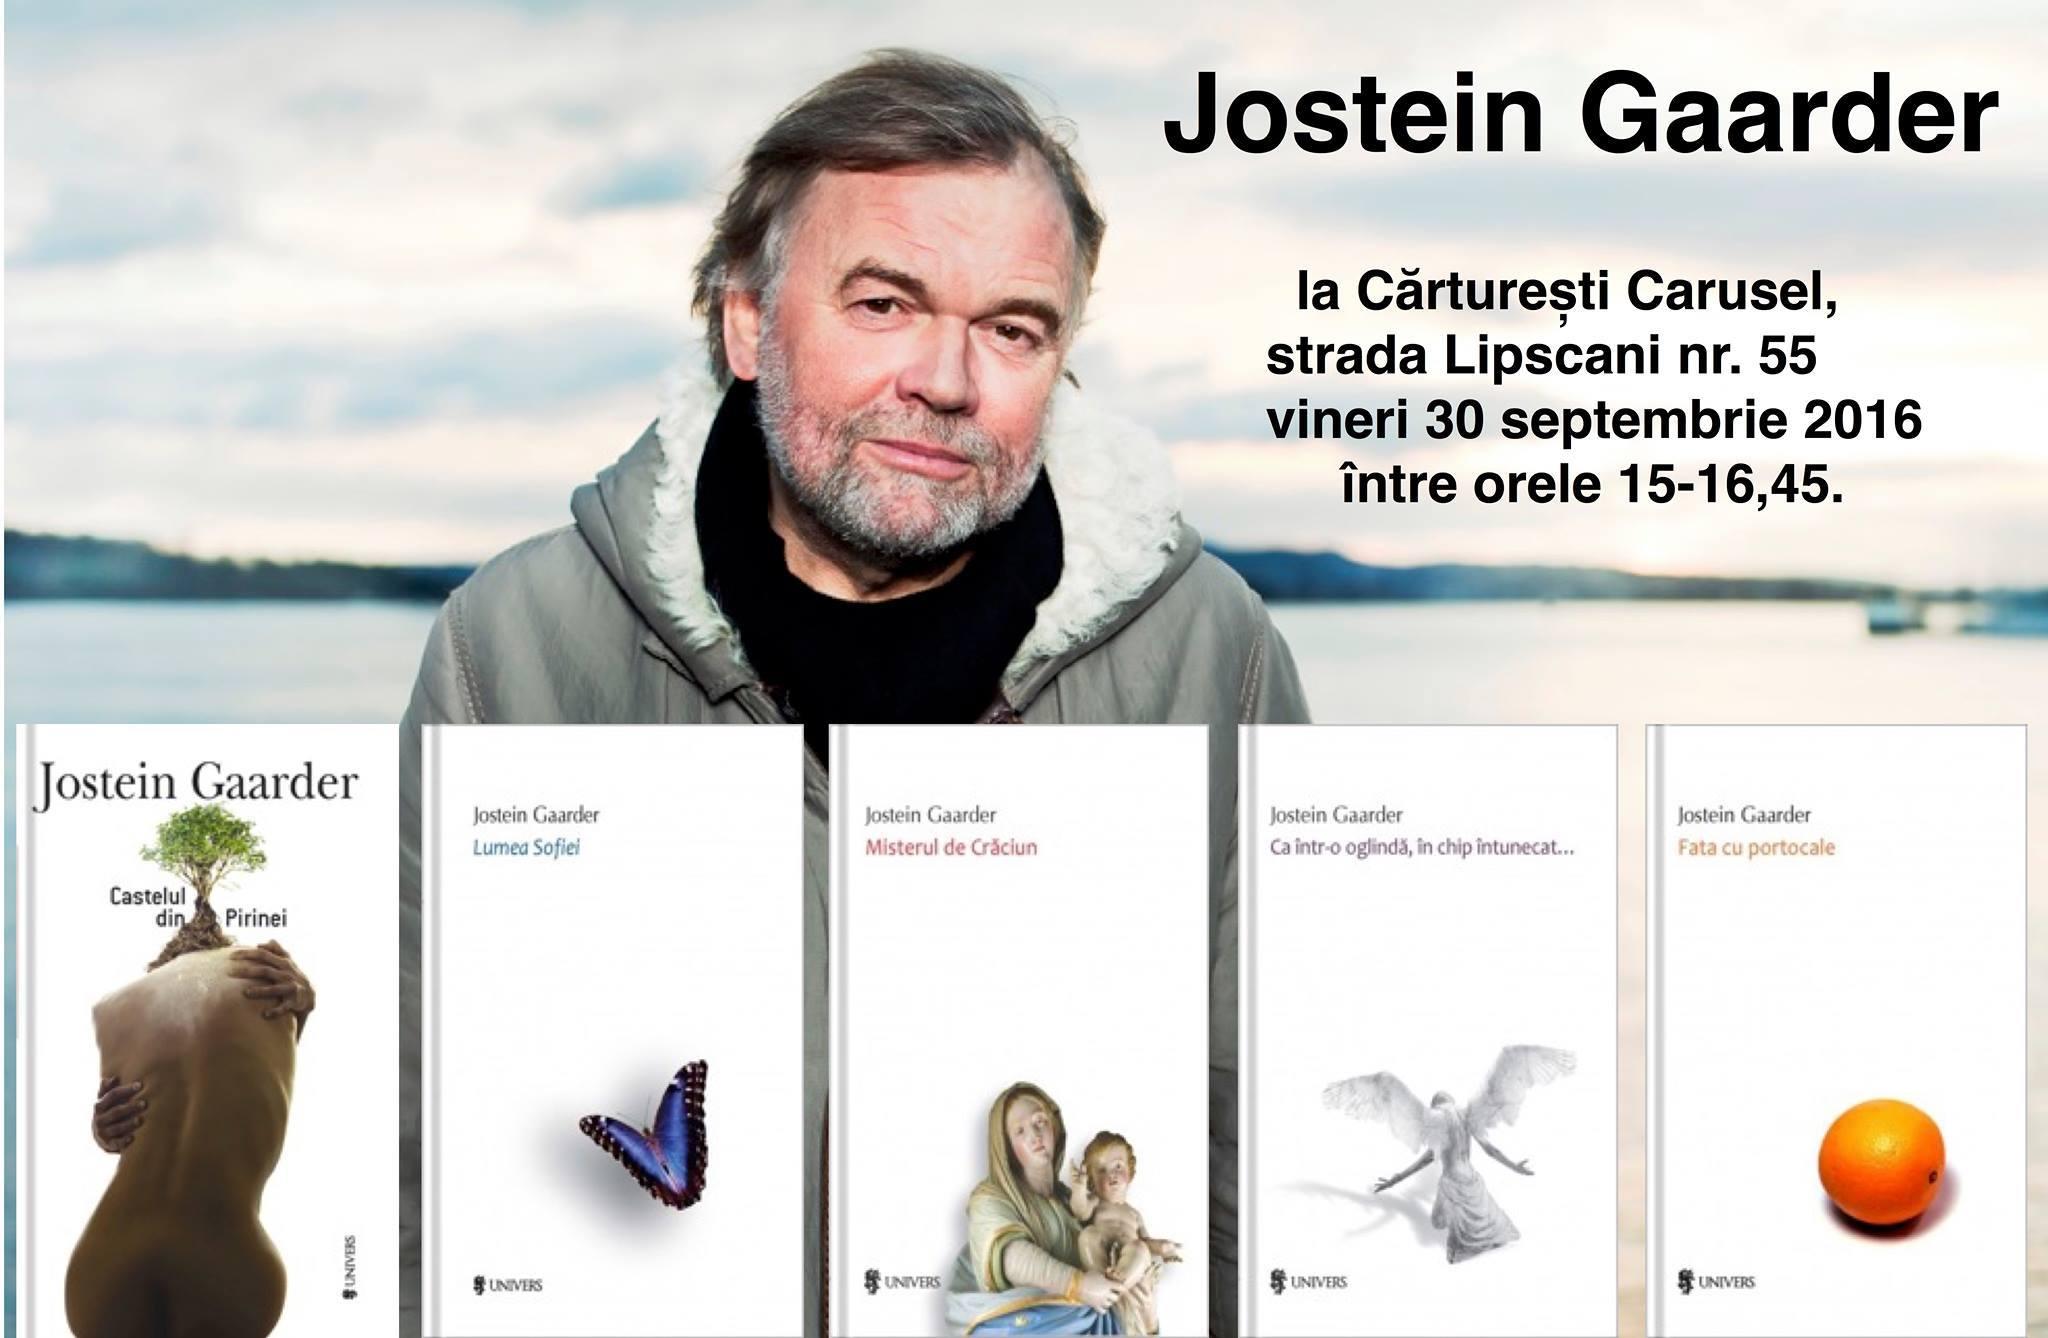 Jostein Gaarder, întâlnire cu publicul din România